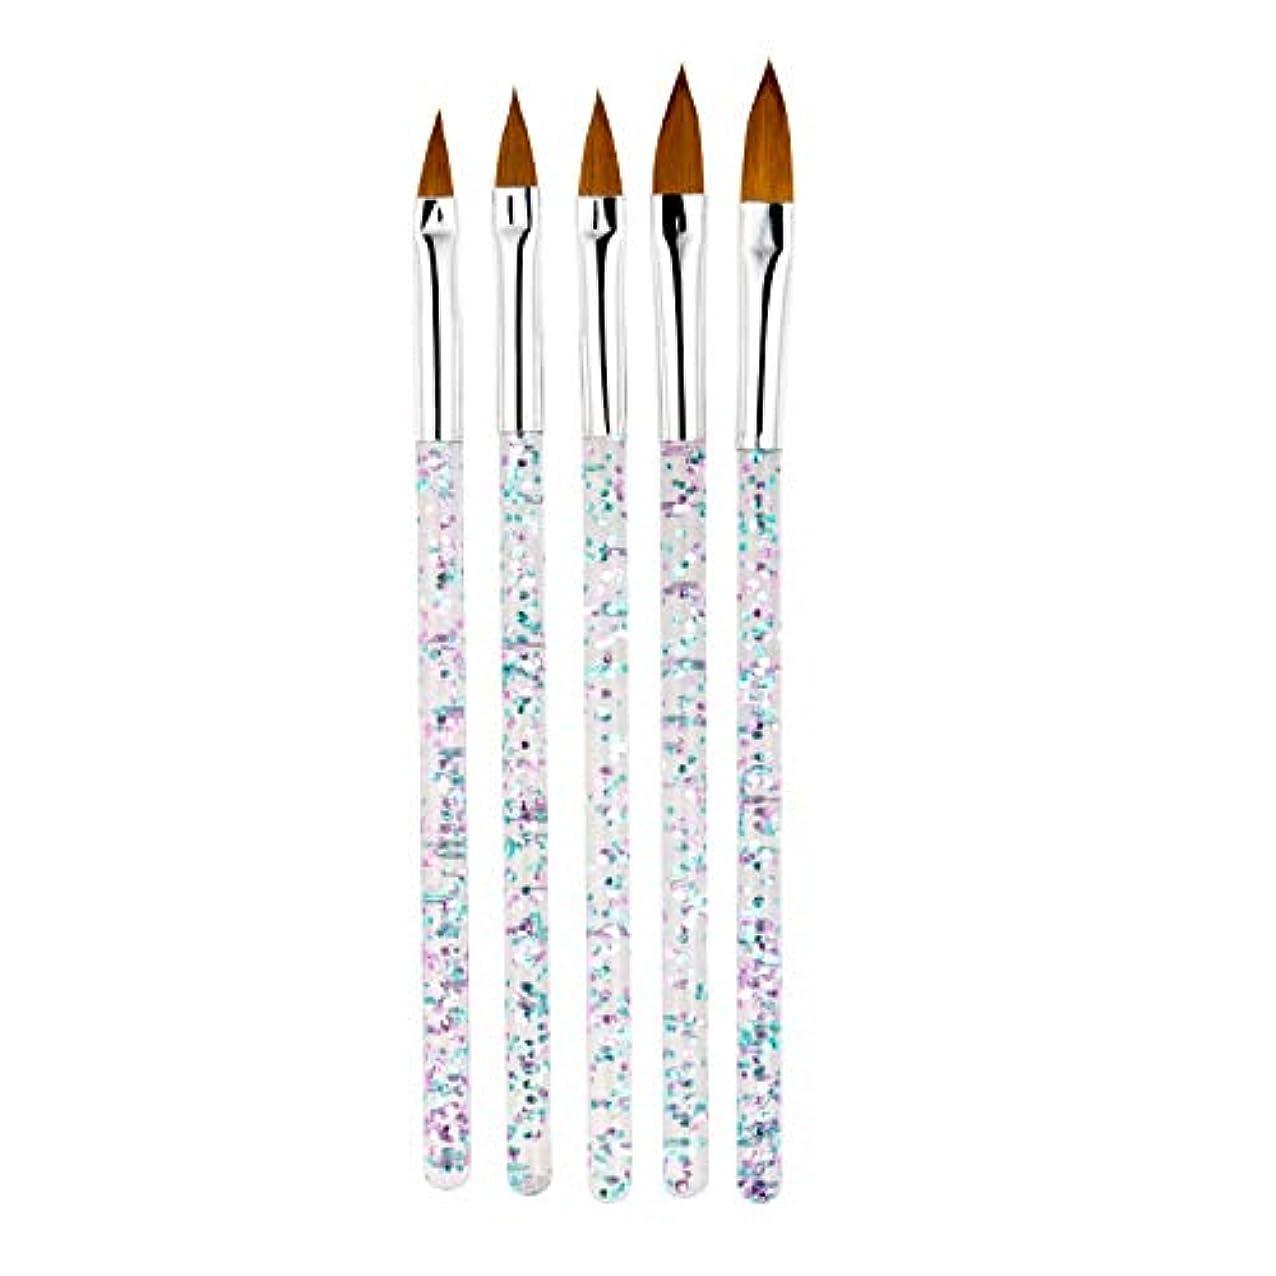 伝統頑丈コンベンションTOOGOO 5本/セット、11/13/15/17/19Mm ネイルアート水晶ブラシ、Uvジェルのビルダー、絵画用ドットペン、彫刻、先端、マニキュア、サロンのツール